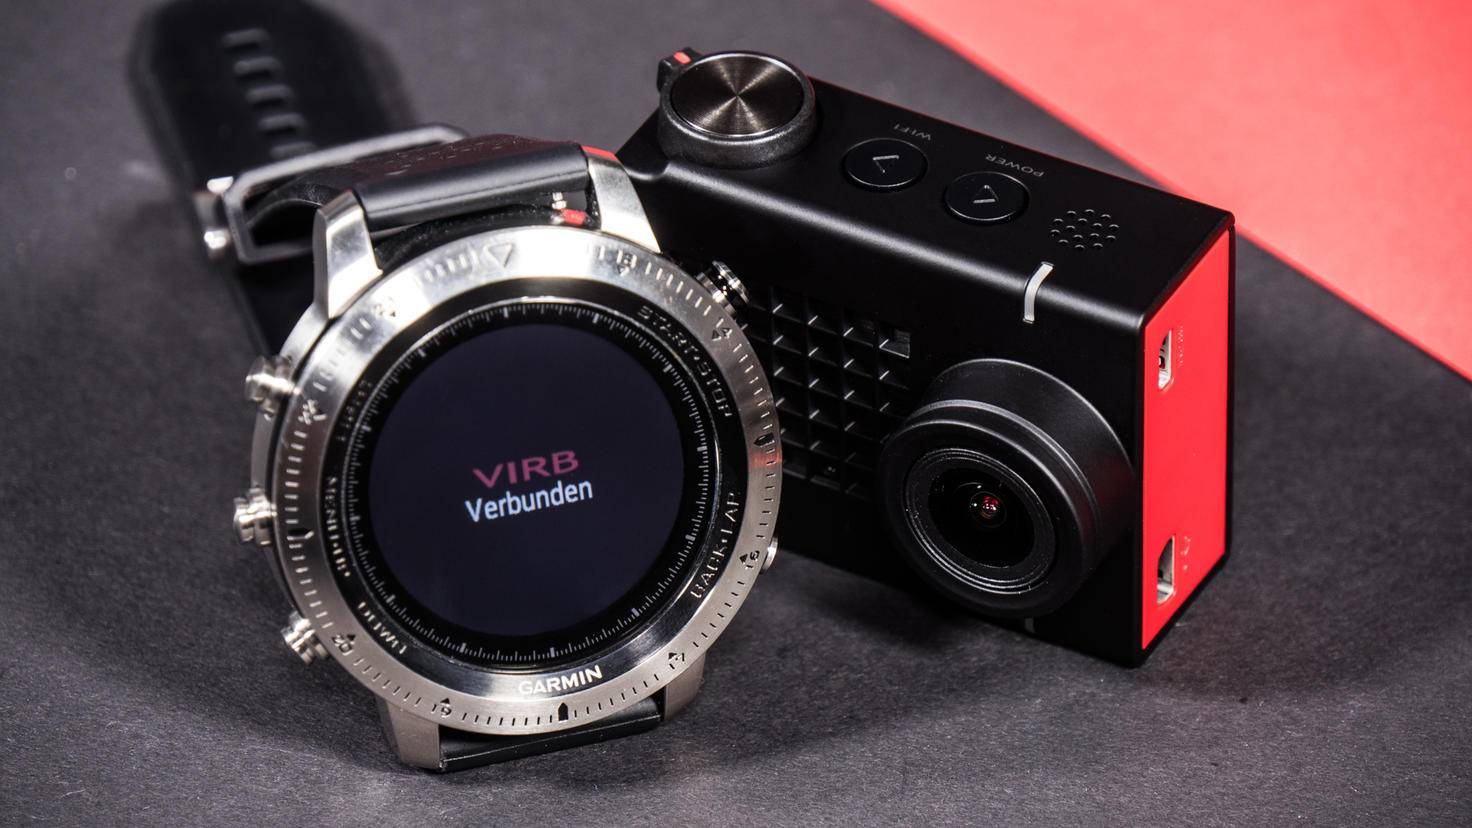 Zudem liefert die Uhr Herzfrequenzwerte an die Kamera.